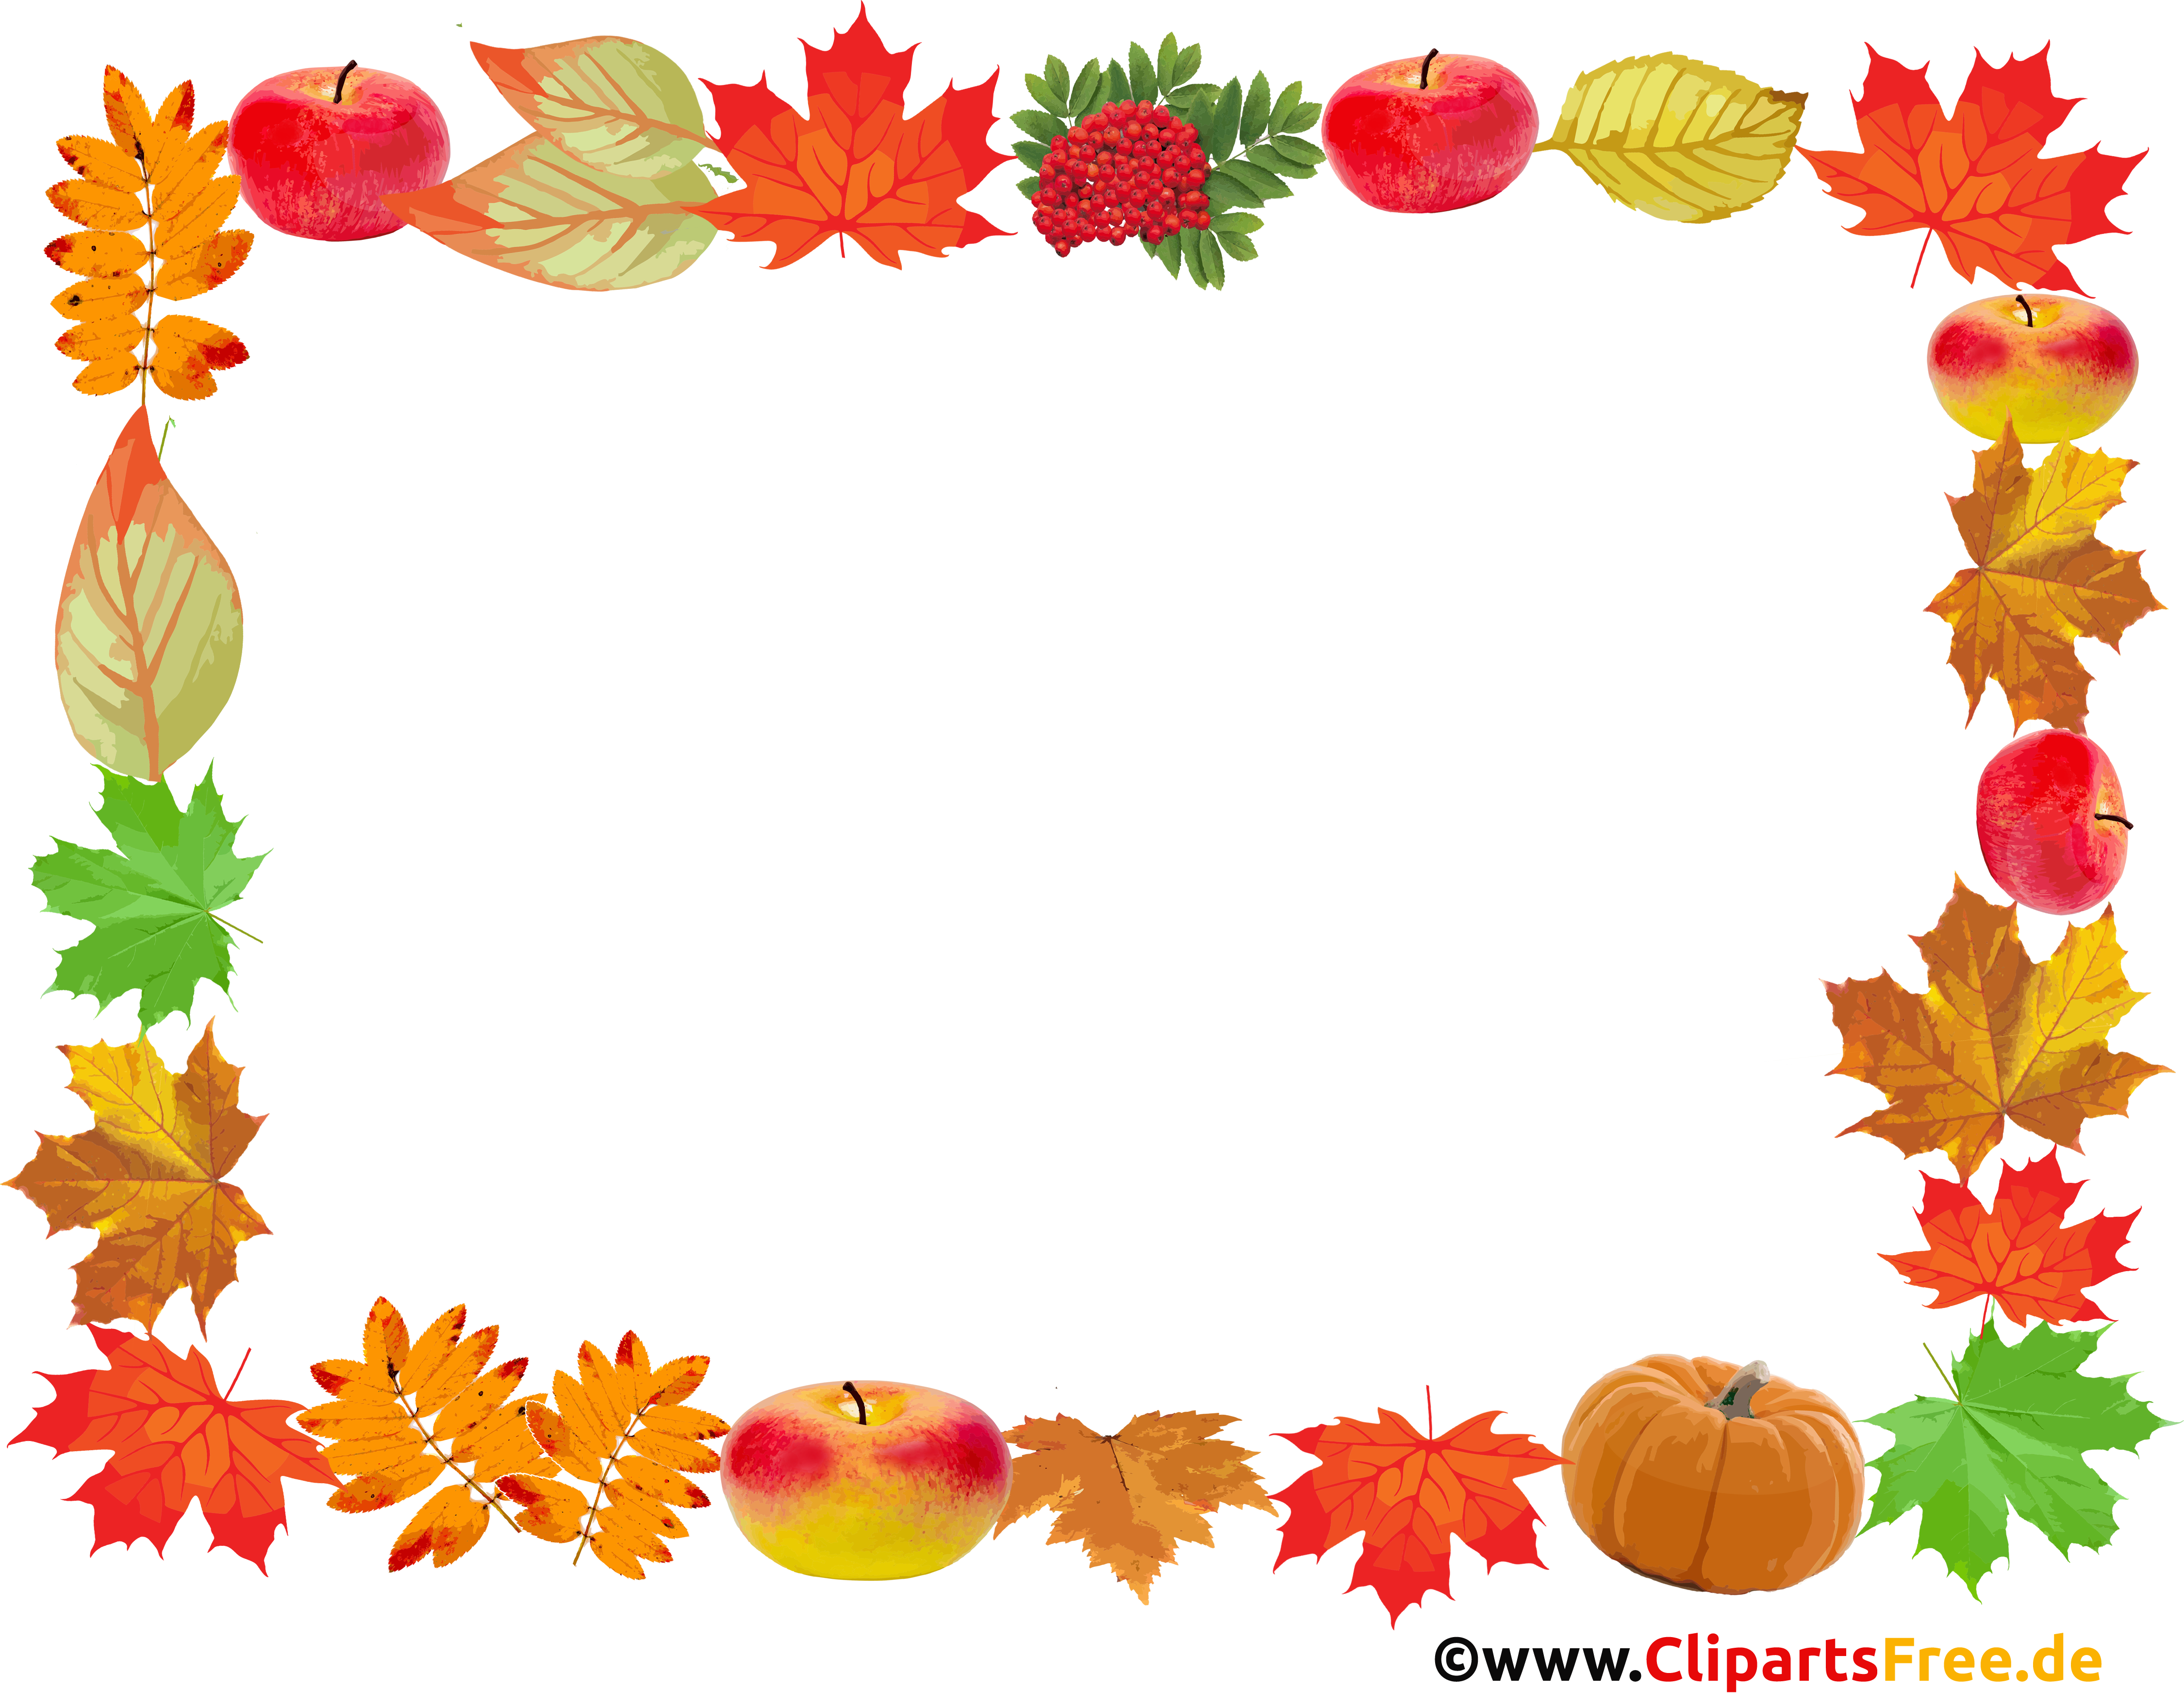 Ahornblätter, Kürbisse, Äpfel - Rahmen für Fotos zum Thema Herbst